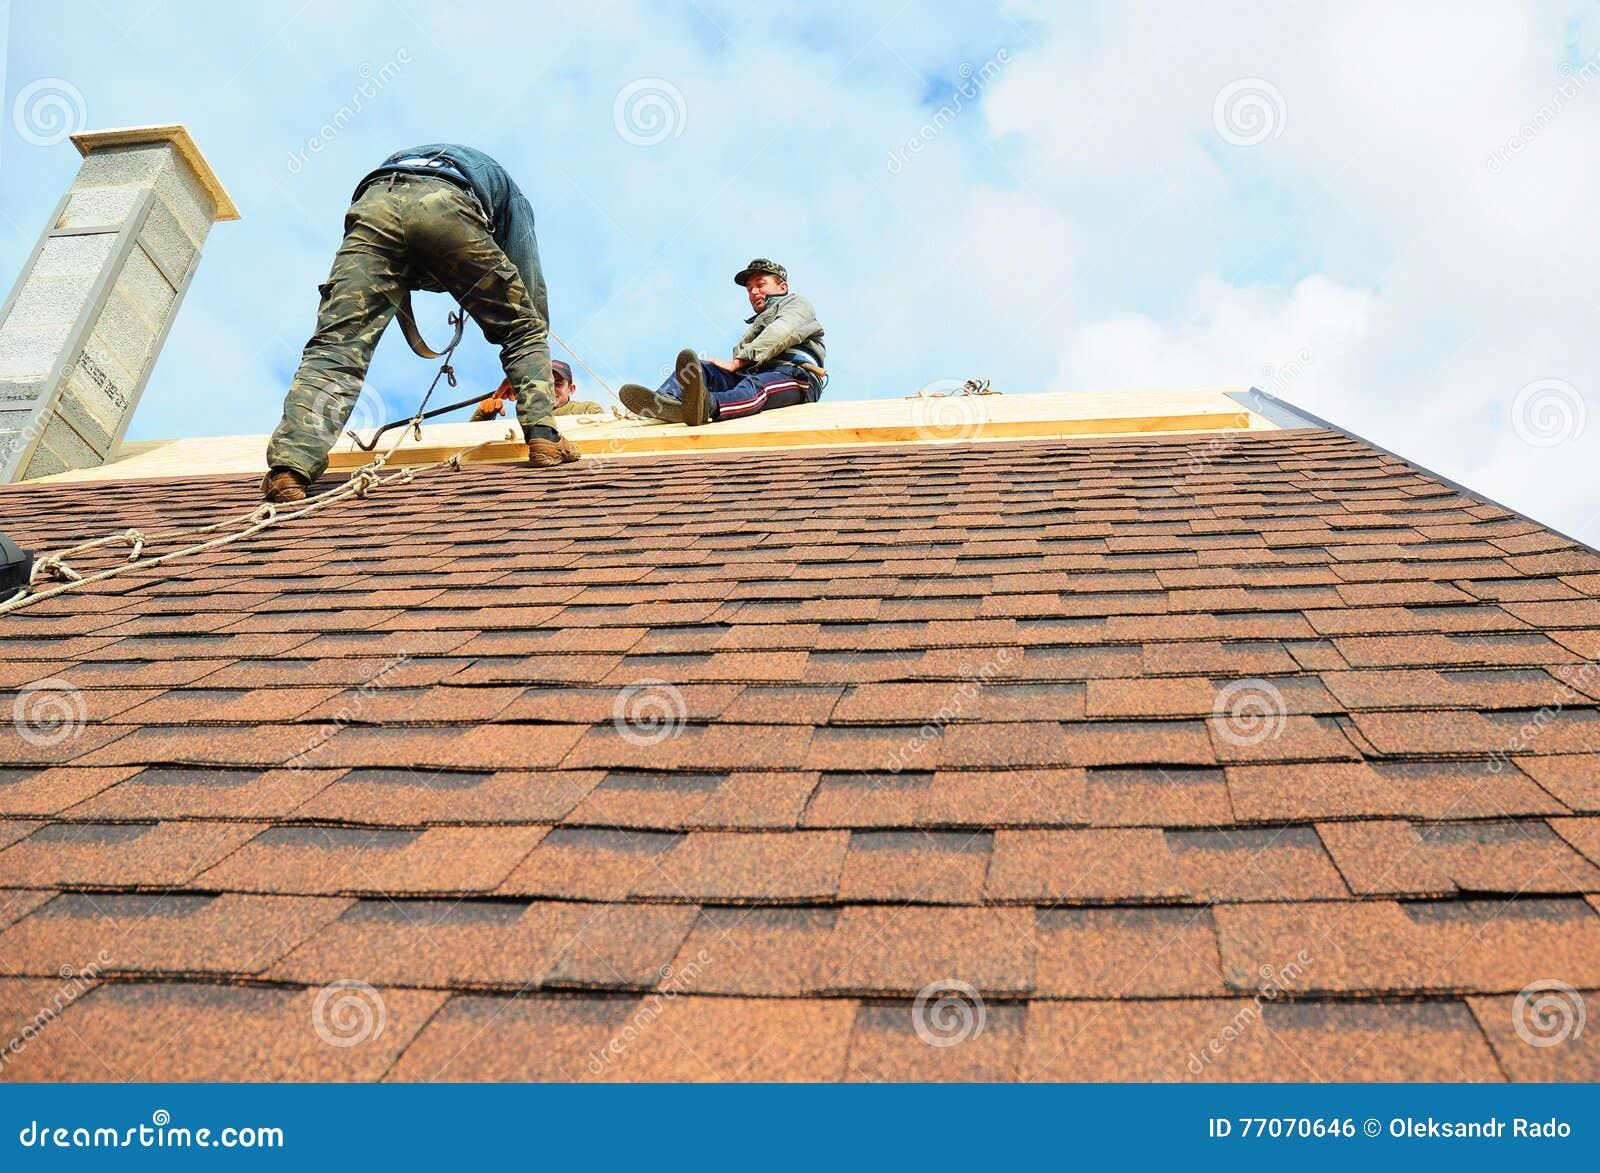 Kiev Ukraine October 18 2016 Roofing Contractors